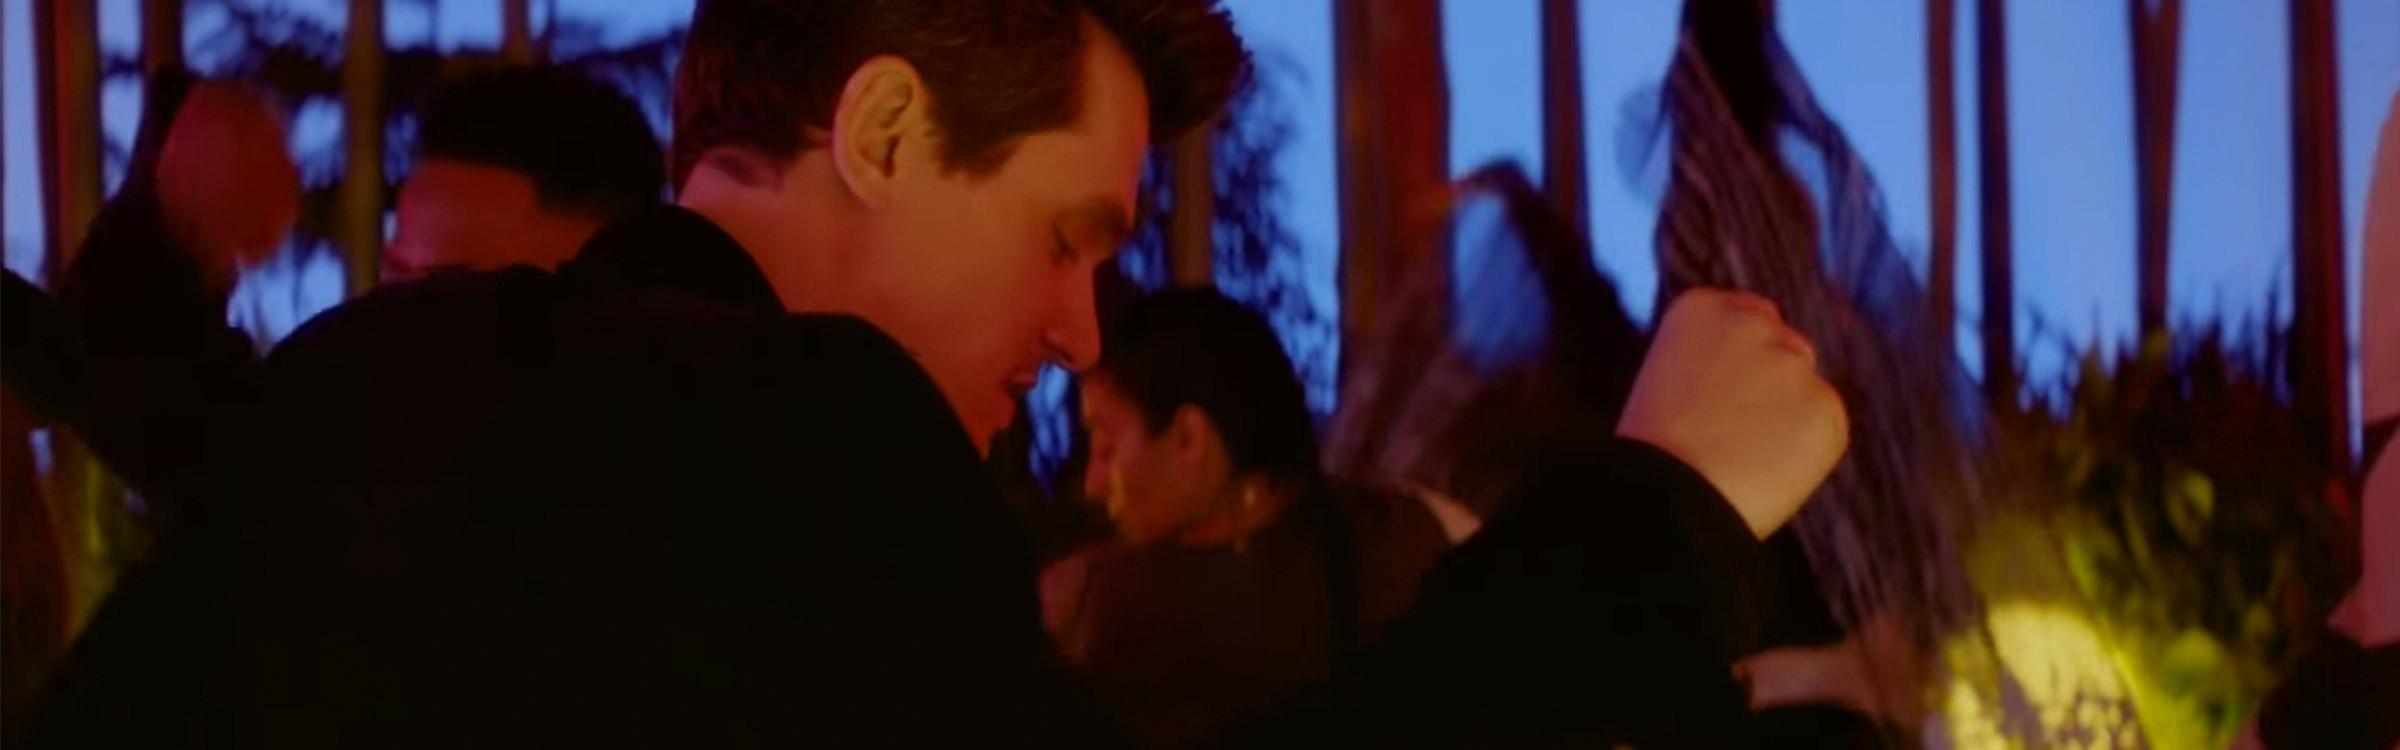 John mayer dancing